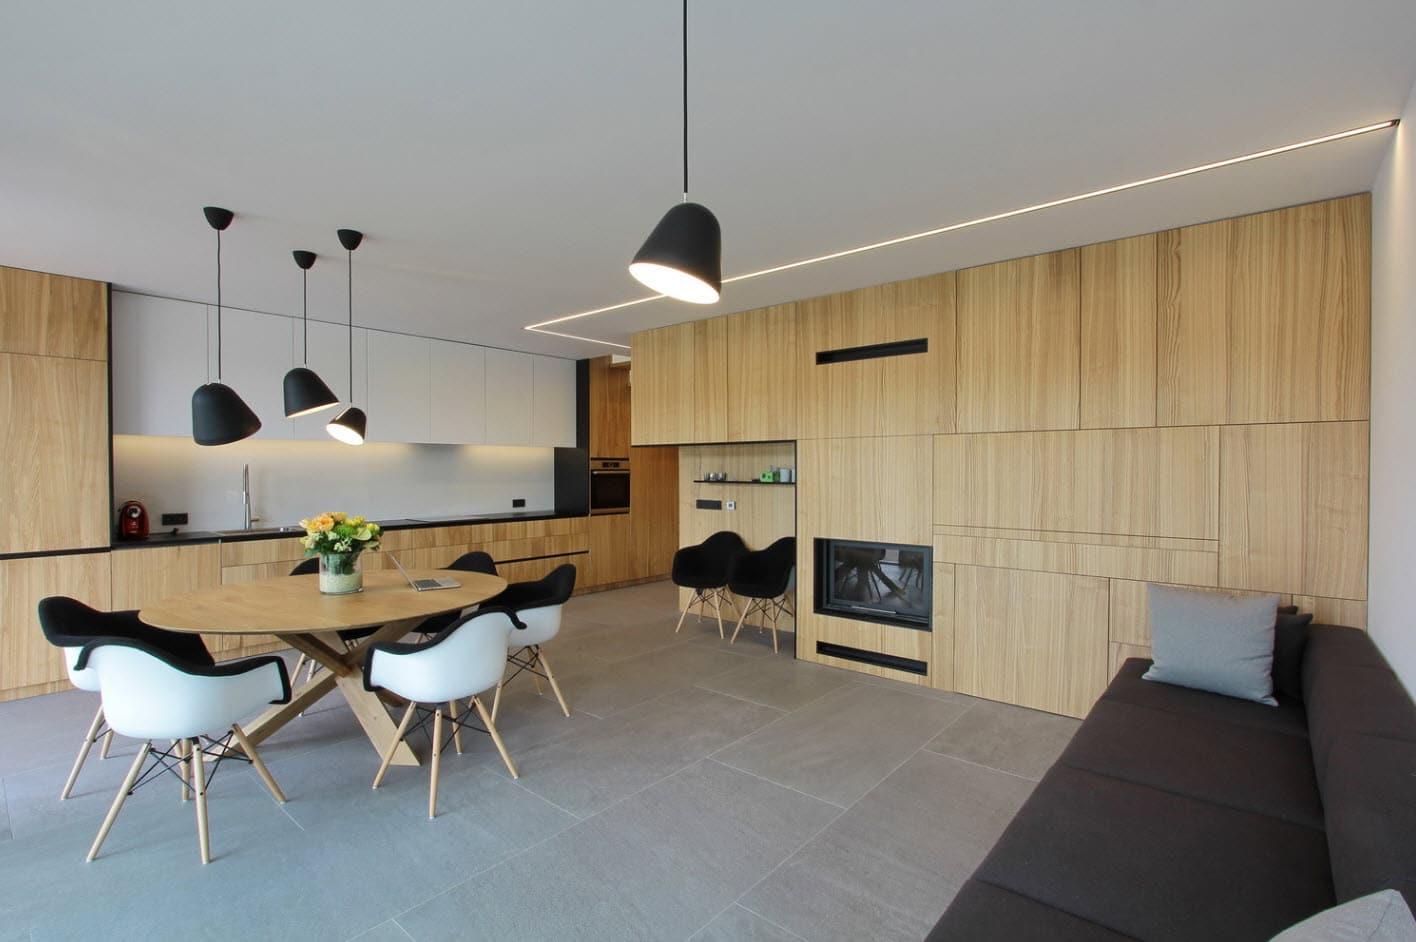 Dise o de casa de campo peque a con moderna estructura de for Donde se estudia diseno de interiores